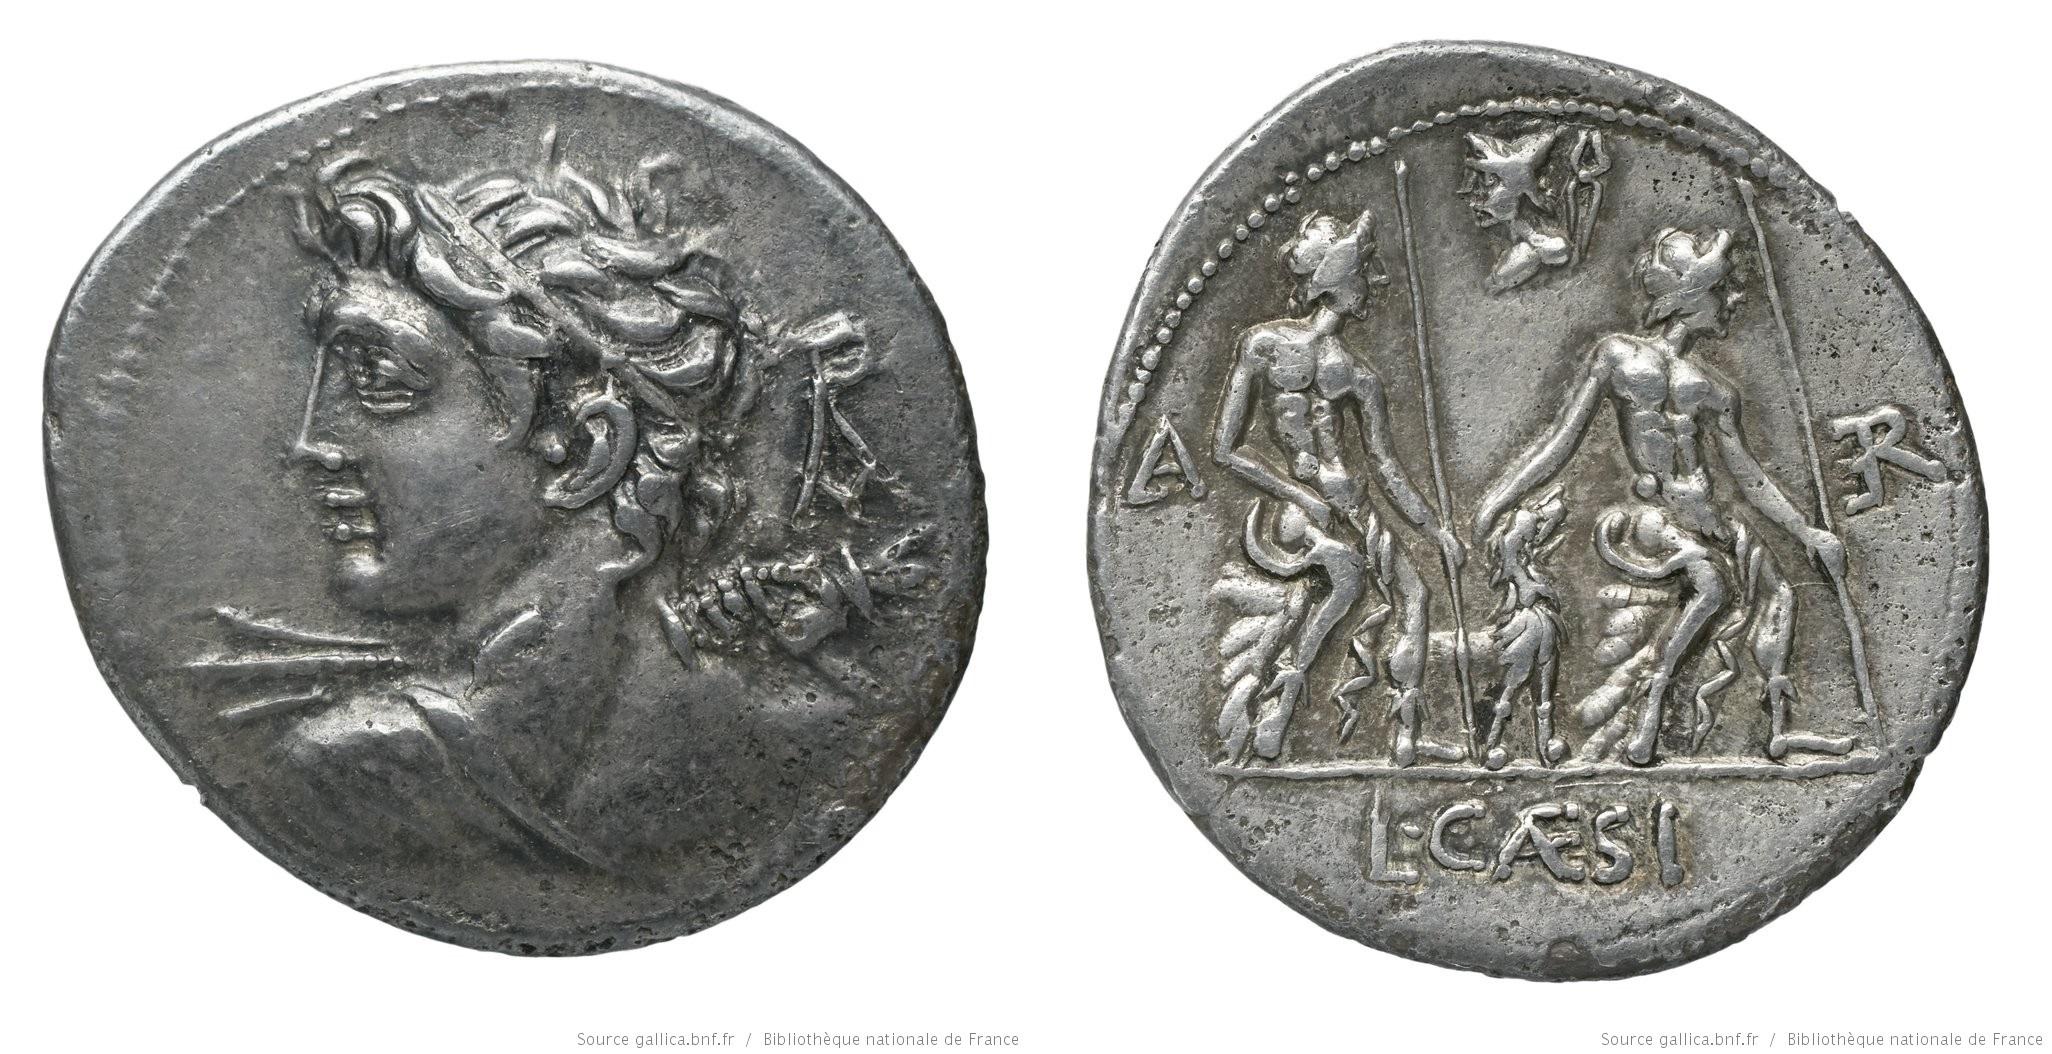 1112CA – Denier Caesia – Lucius Cæsius